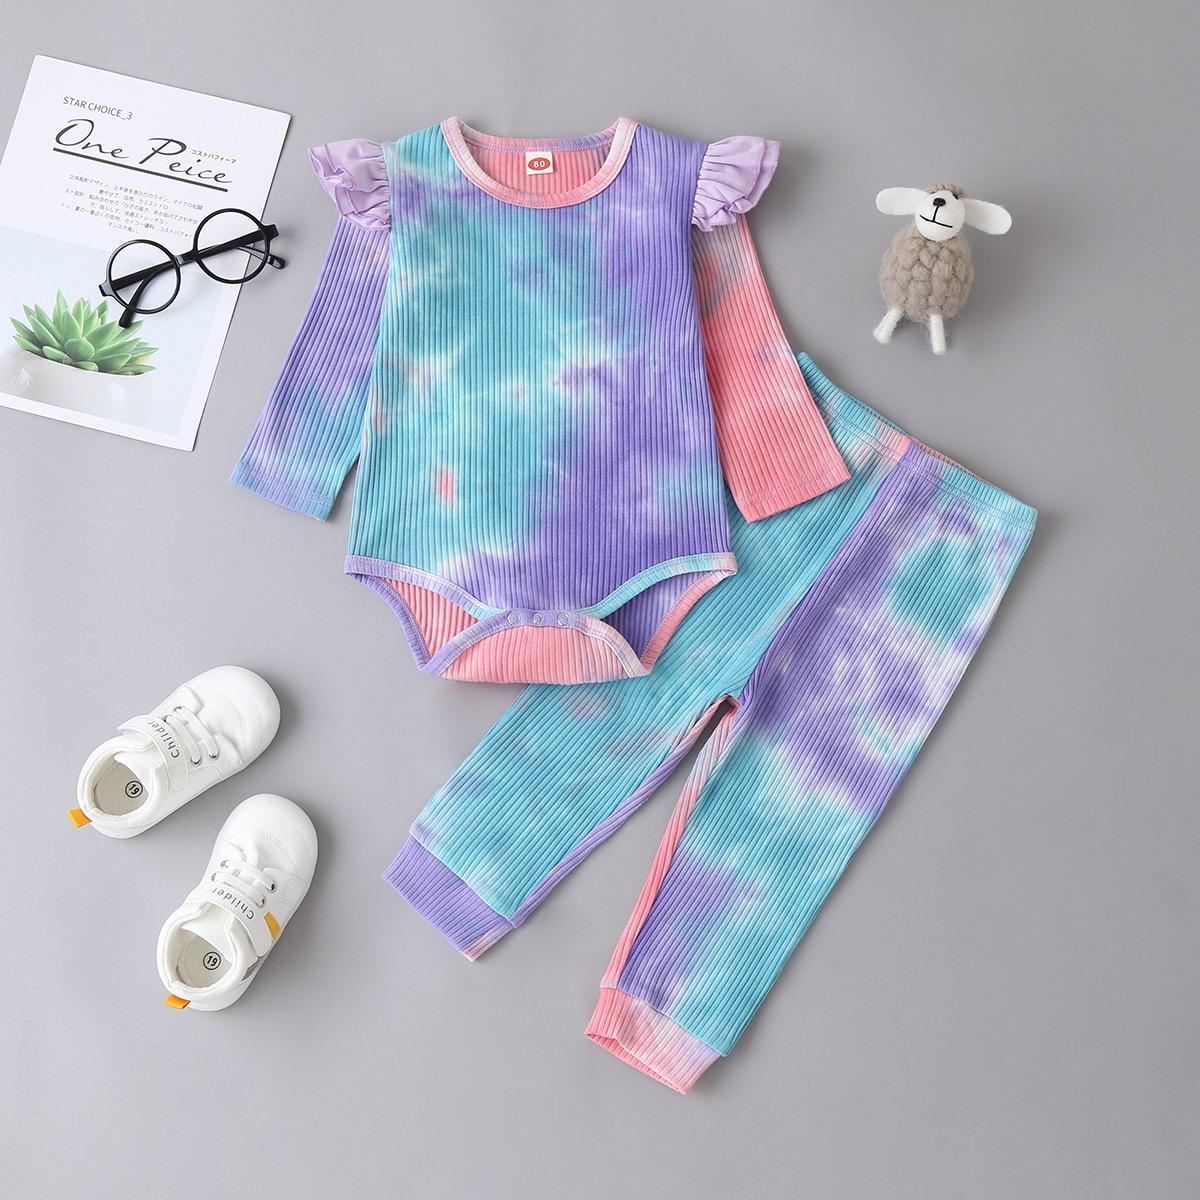 shein Casual Tie dye Baby-setjes Rimpeling